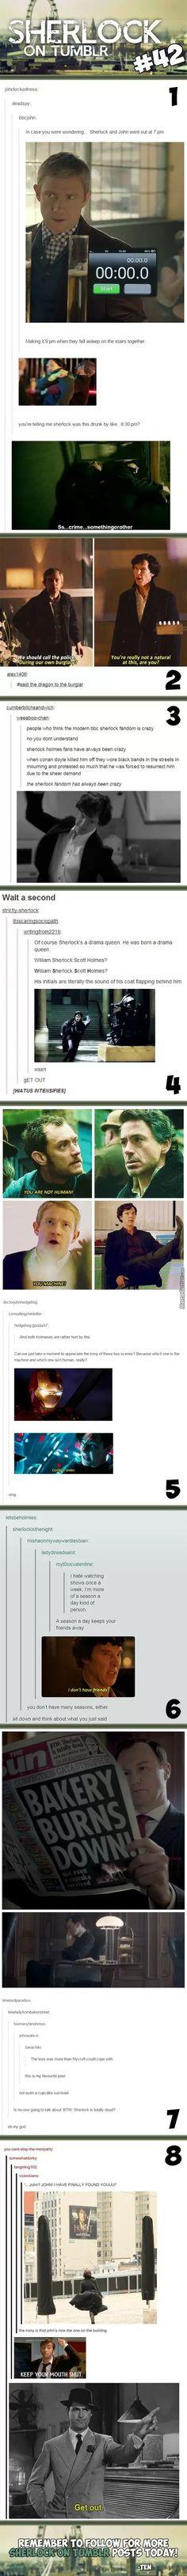 Sherlock On Tumblr #42